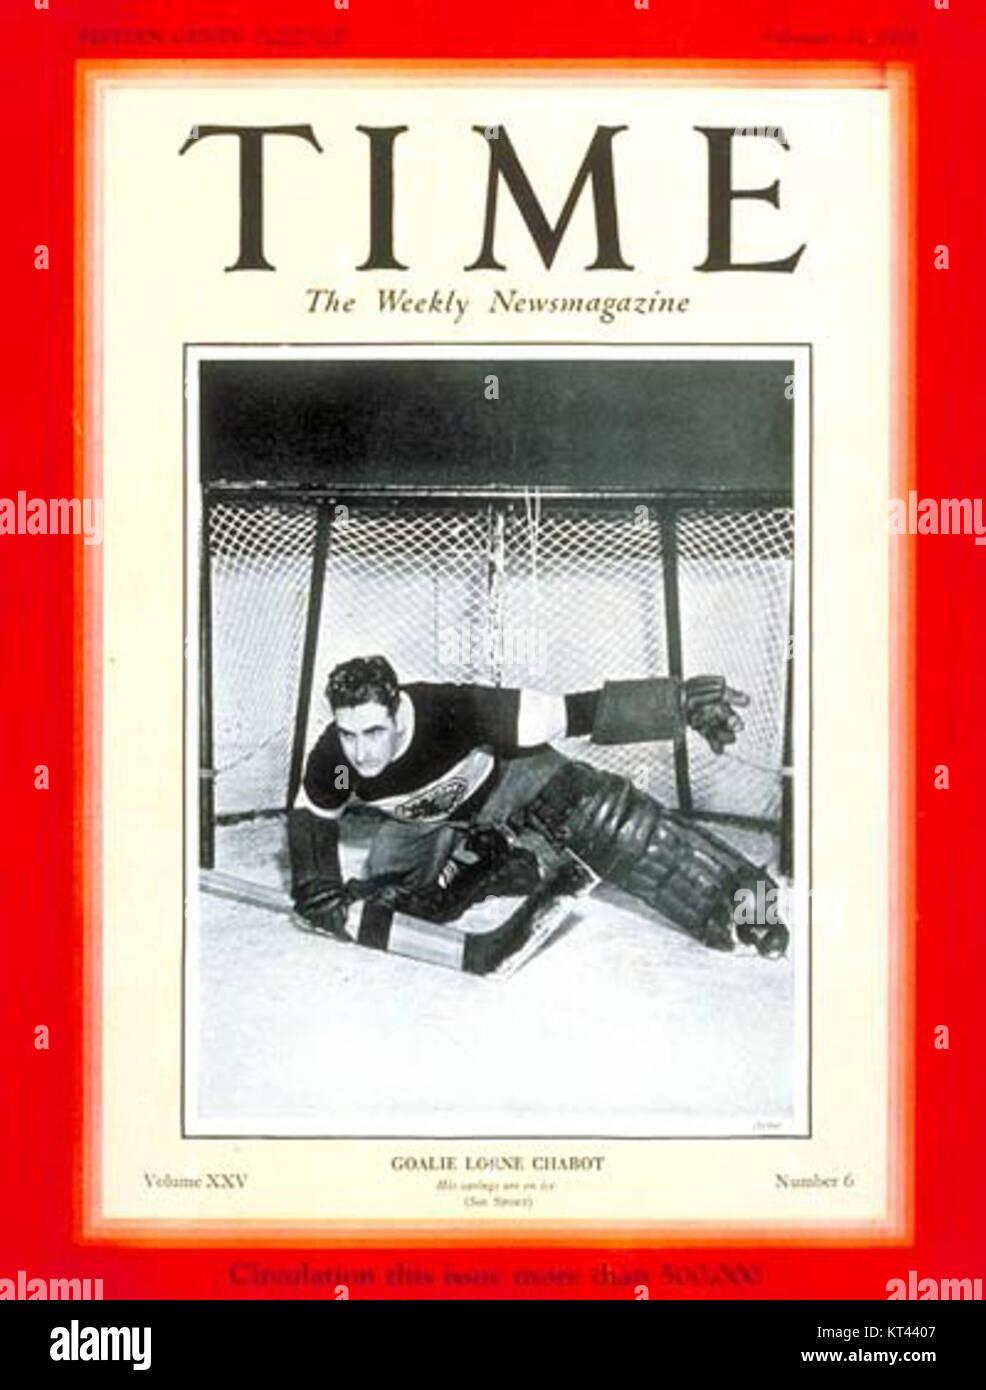 Lorne chabot time magazine - Stock Image